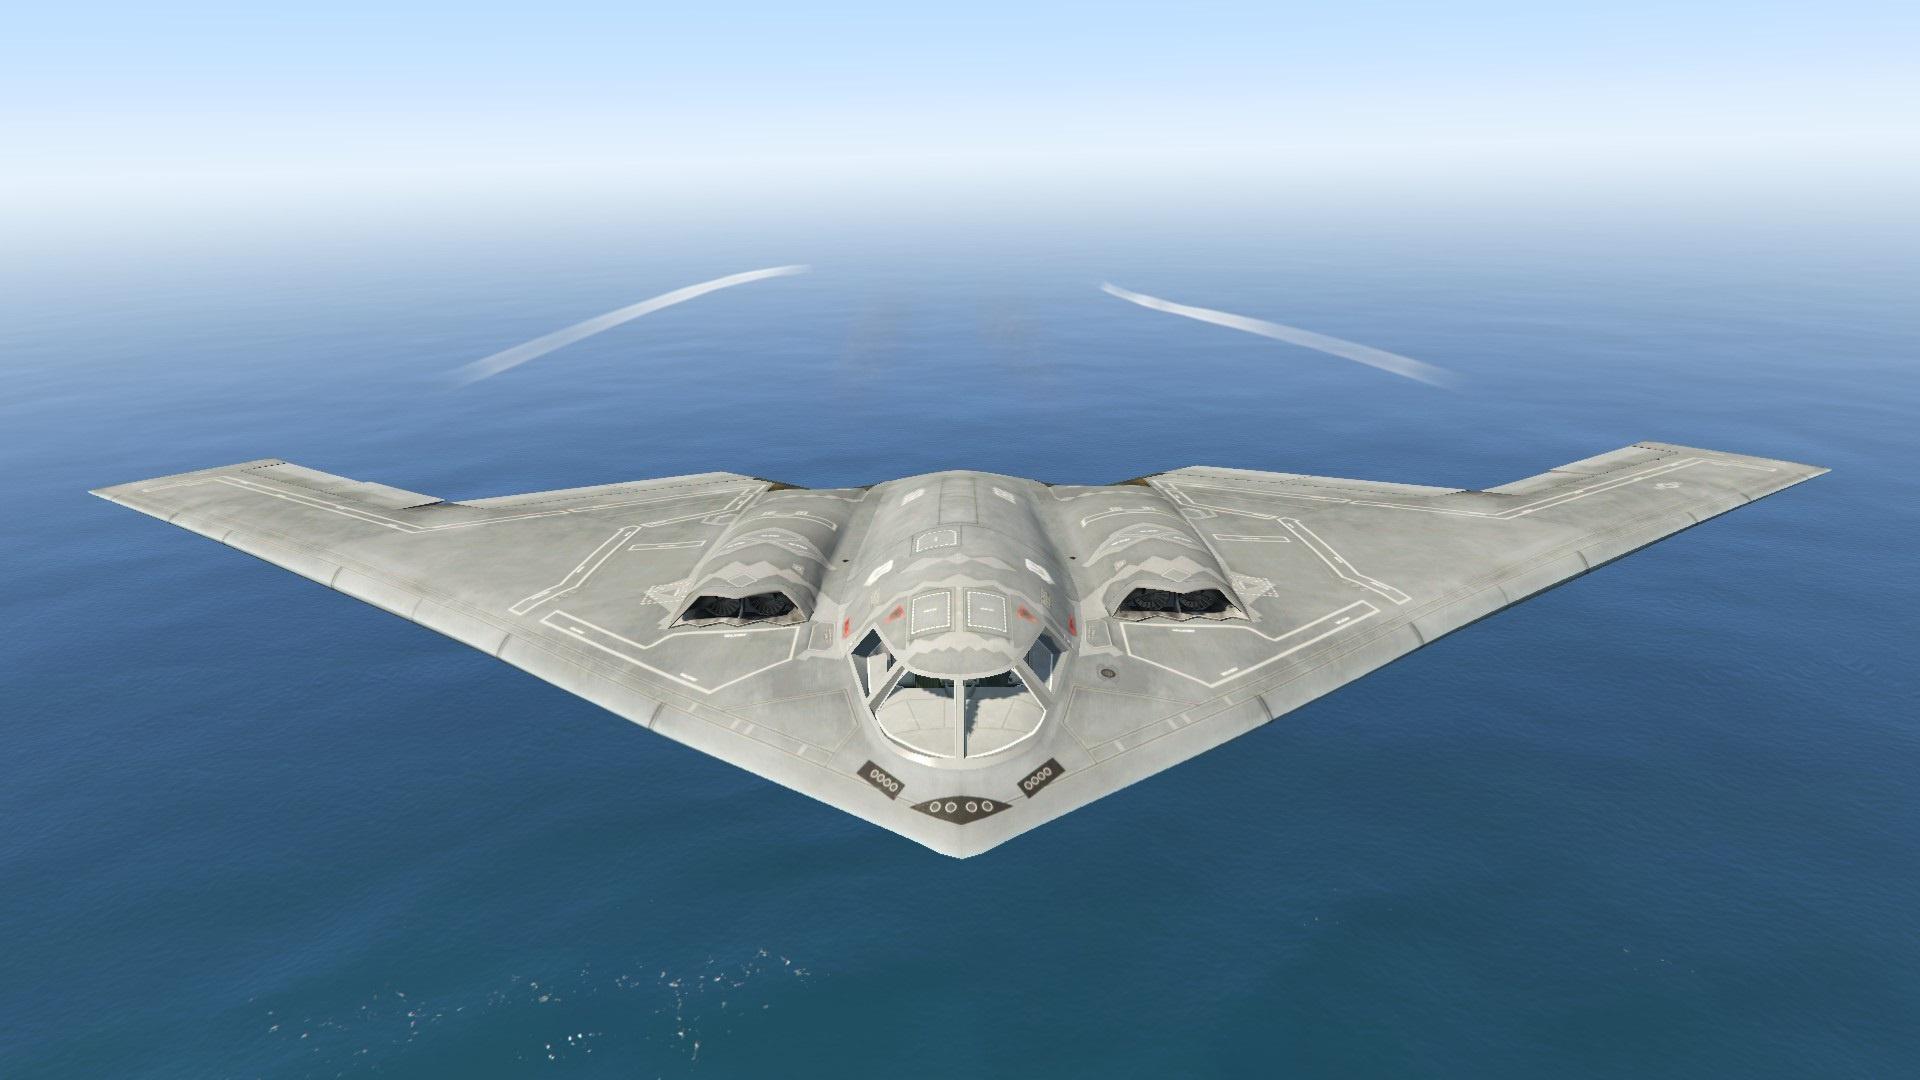 b 2a spirit stealth bomber gta5 mods com